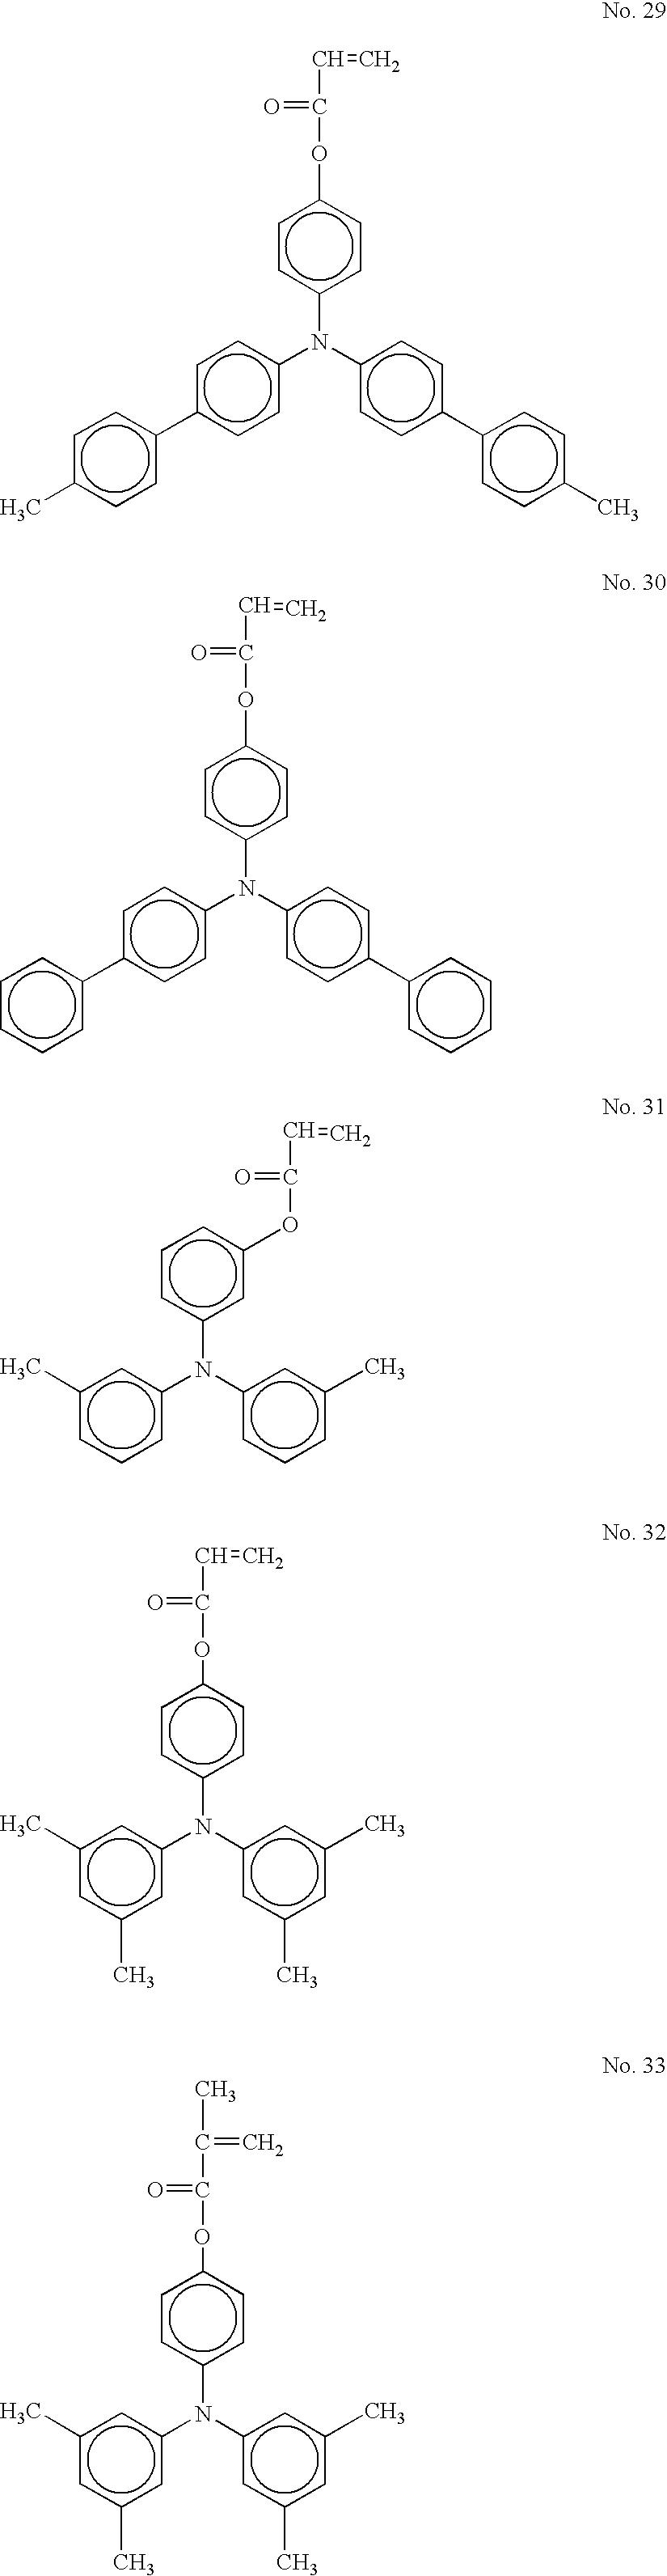 Figure US20070059619A1-20070315-C00020